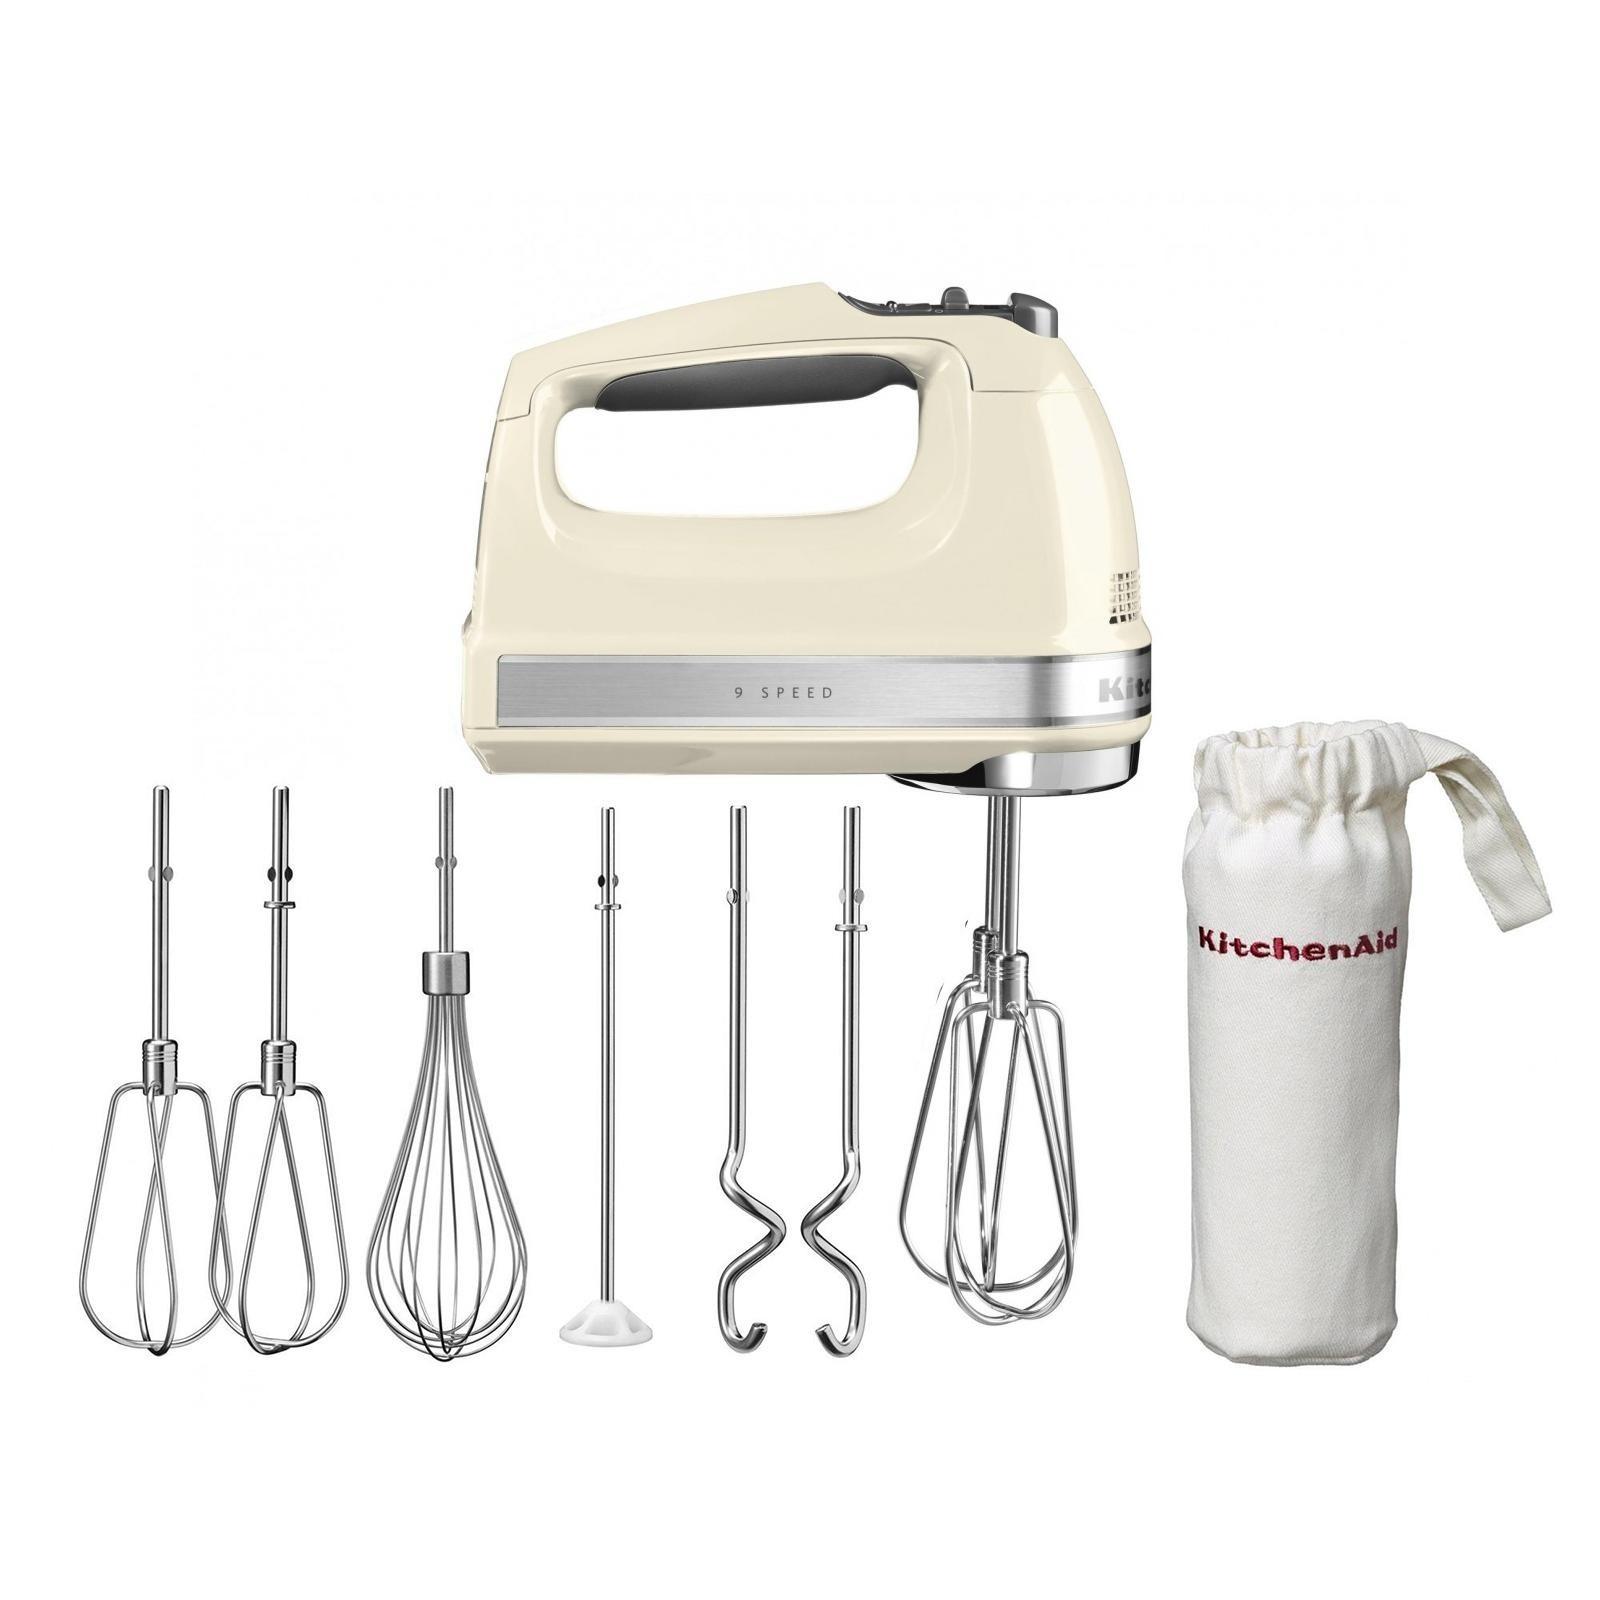 KitchenAid 5KHM9212 Hand Mixer